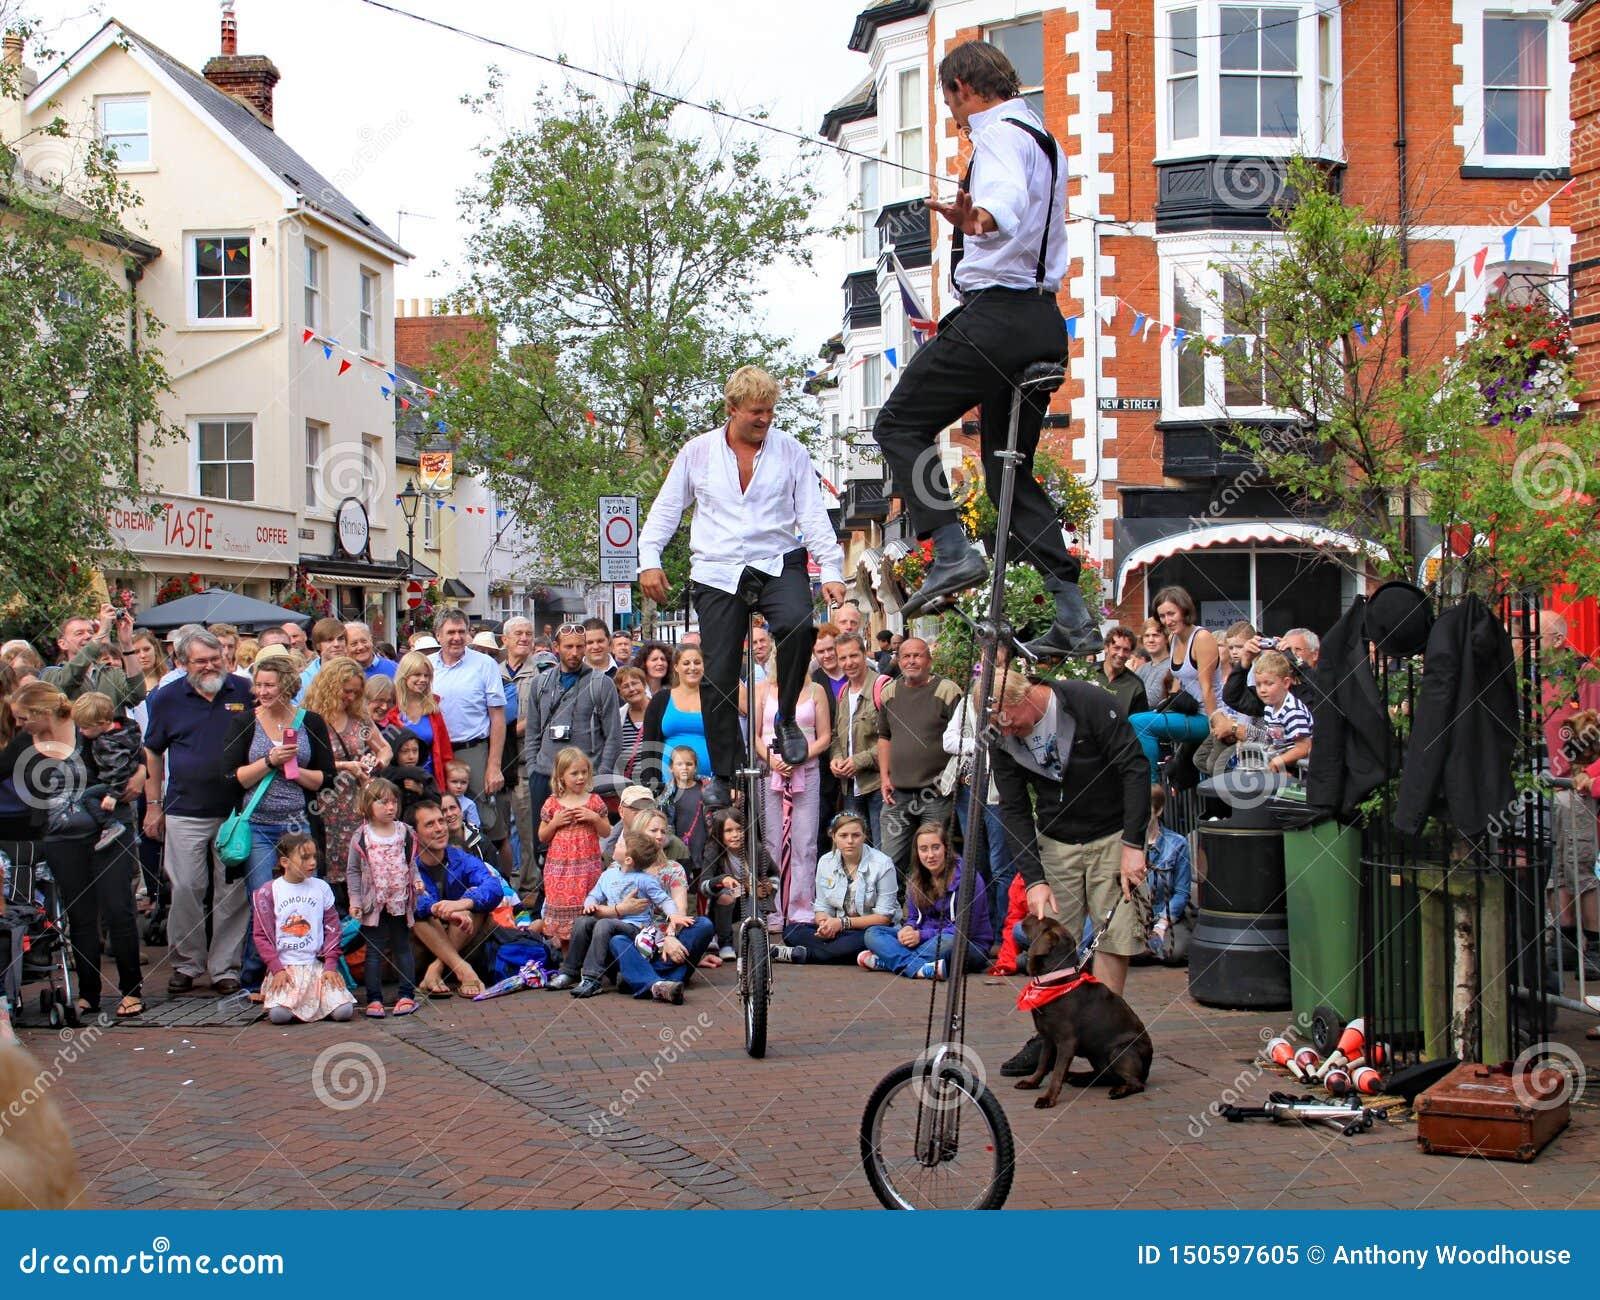 SIDMOUTH, DEVON, ENGLAND - 5. AUGUST 2012: Zwei Straßenjongleure und -entertainer führen im Marktplatz zu einem anerkennenden dur